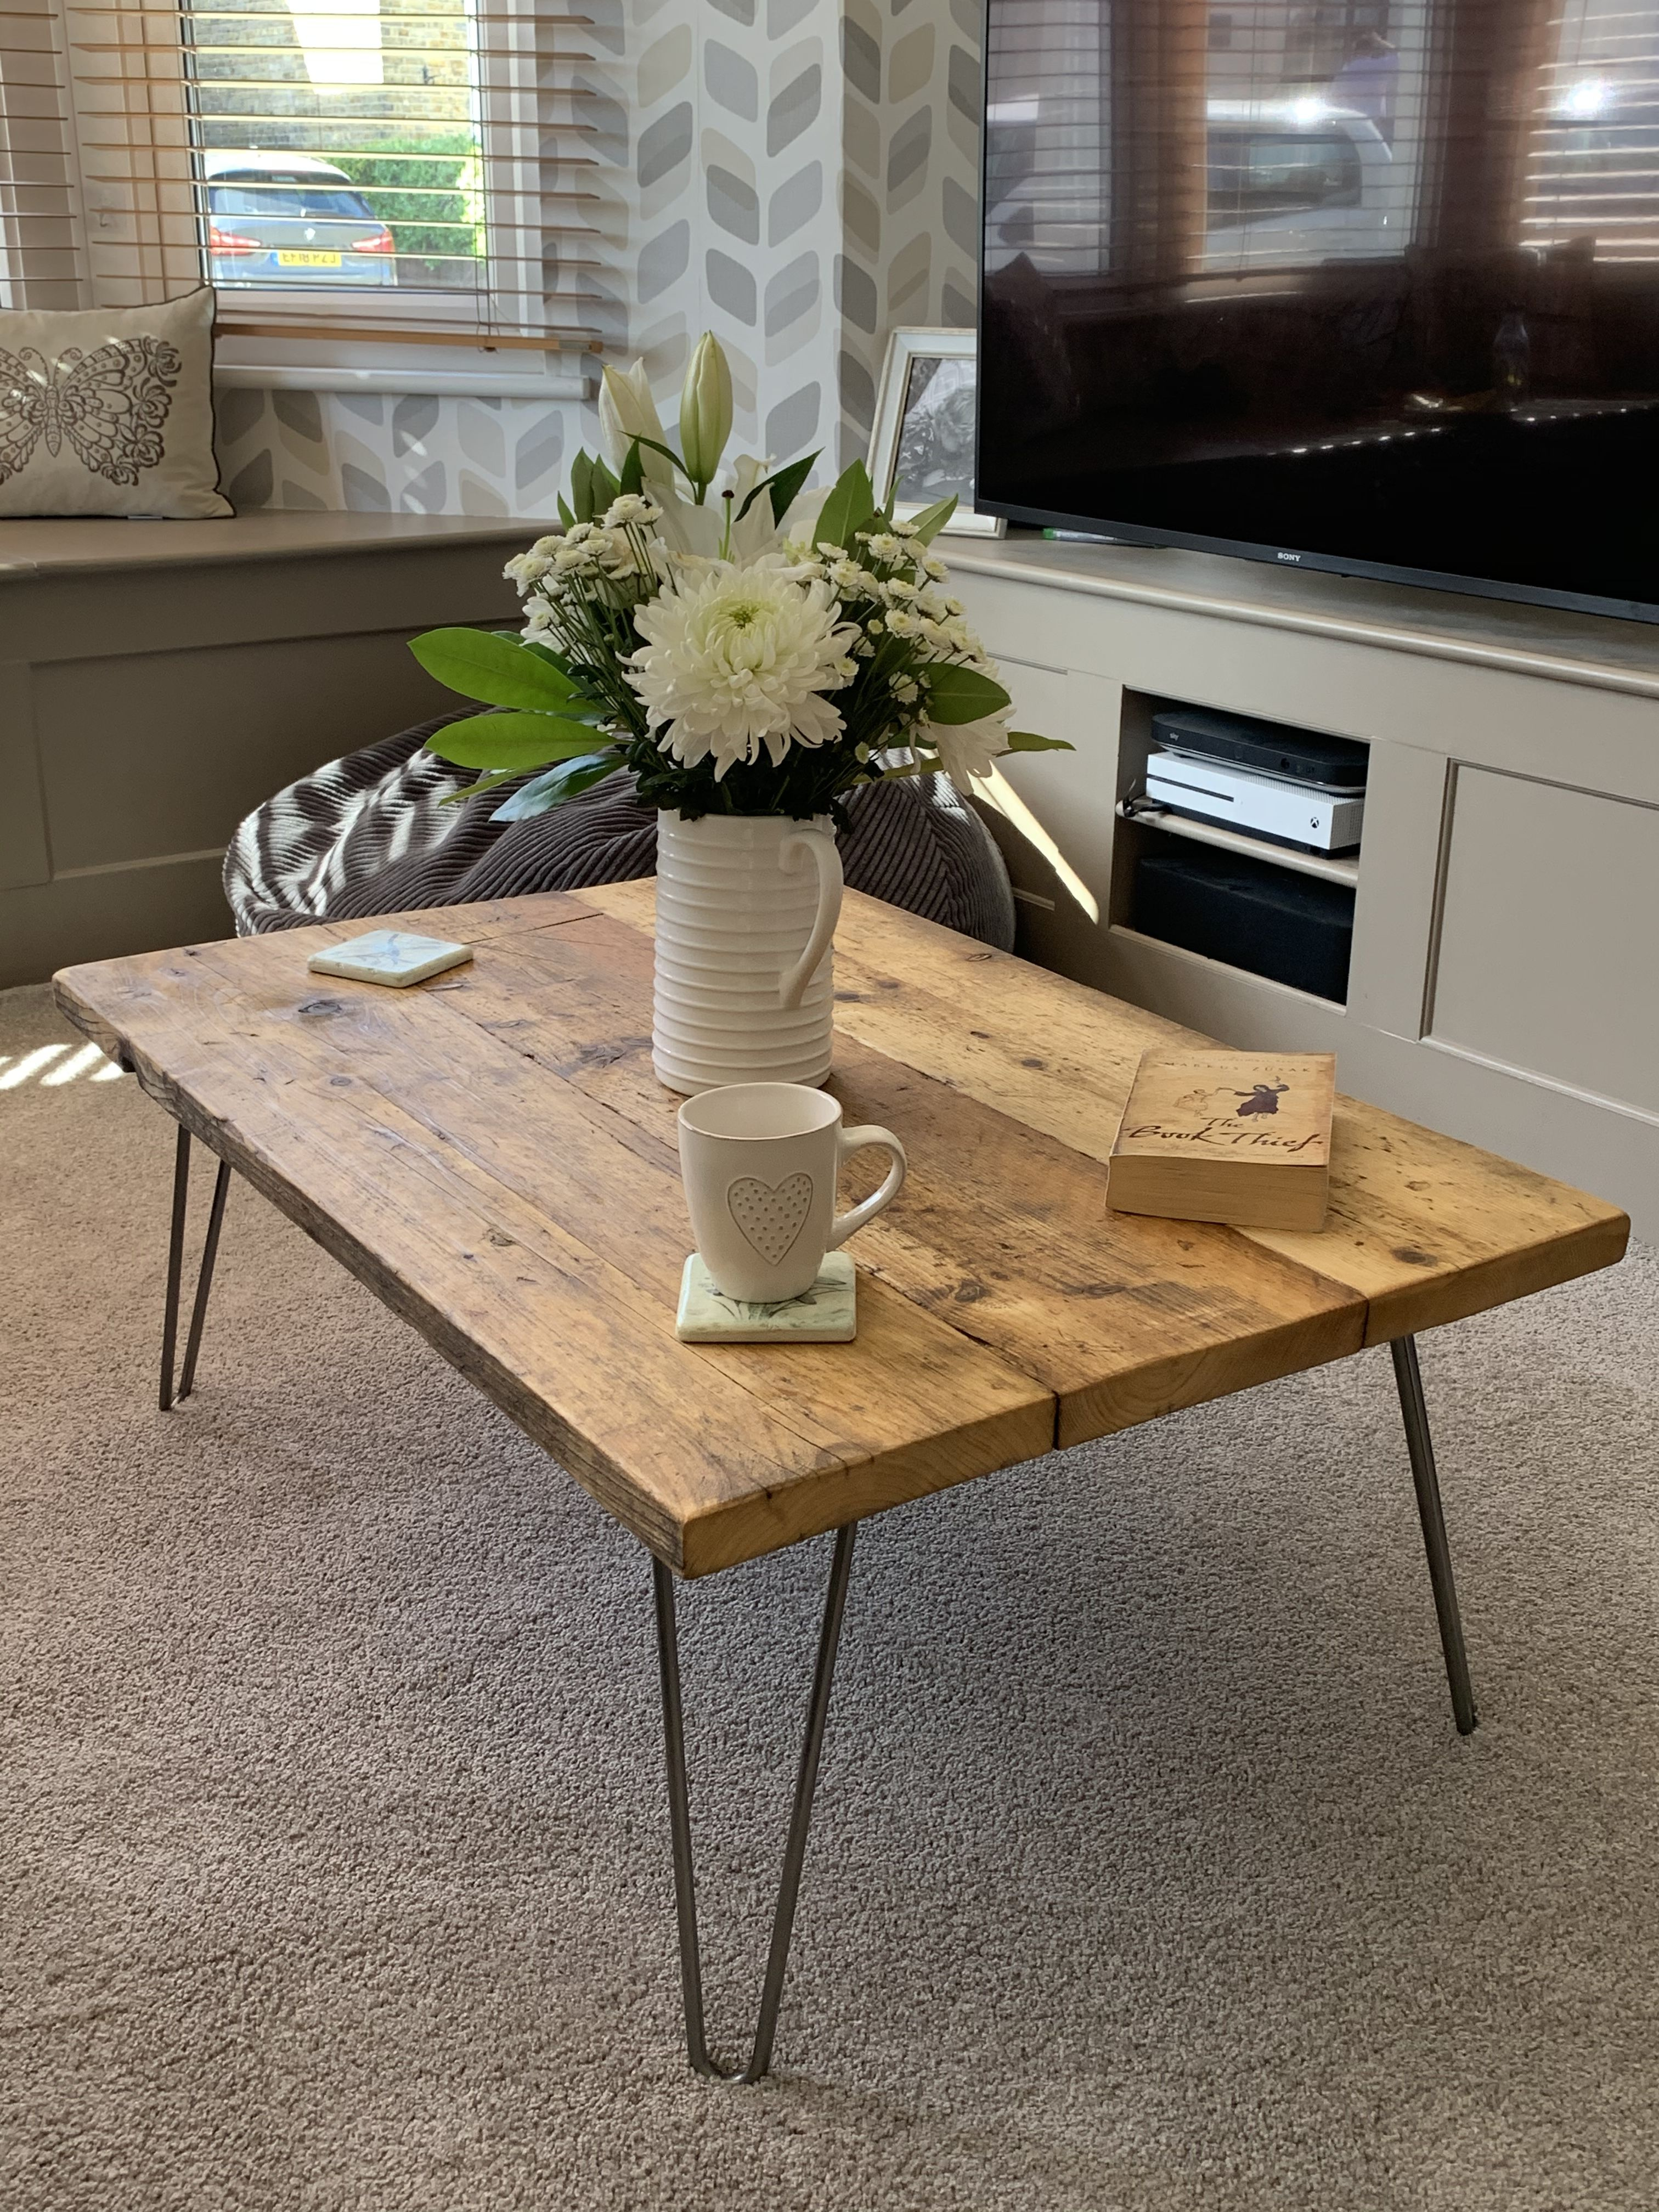 Rustic Urban Scaffold Board Coffee Table Wood Coffee Table Decor Coffee Table Table Decor Living Room [ 4032 x 3024 Pixel ]